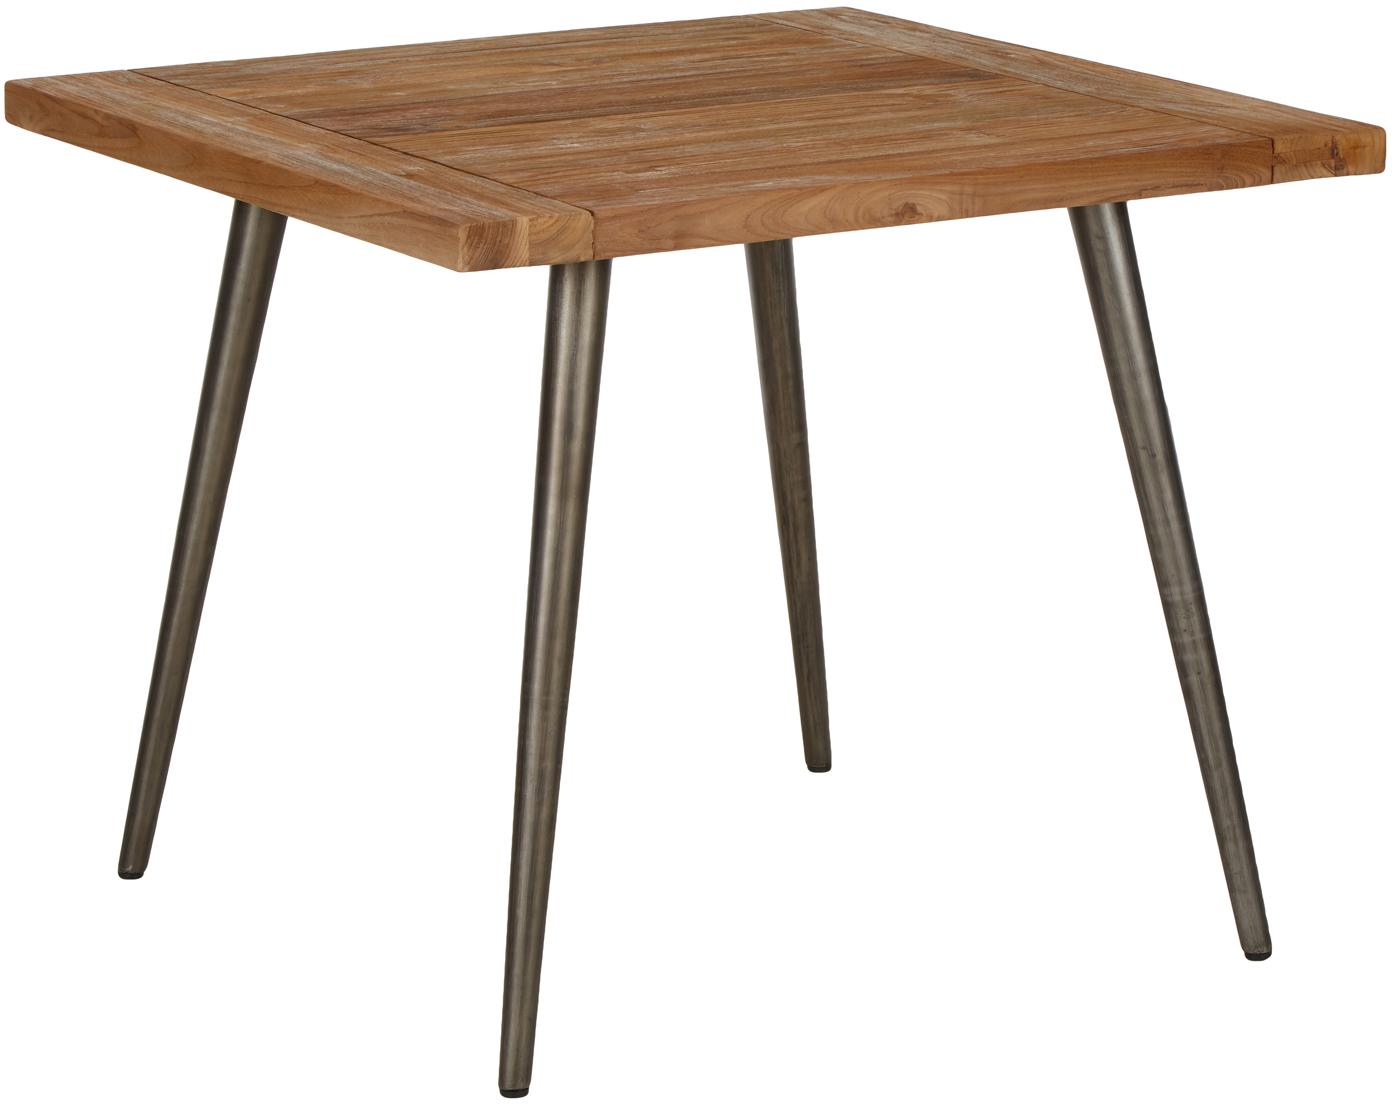 Tavolo con piano in legno massello Kapal, Piano d'appoggio: teak massello riciclato d, Gambe: acciaio con tracce metall, Legno di teak, Larg. 90 x Prof. 90 cm